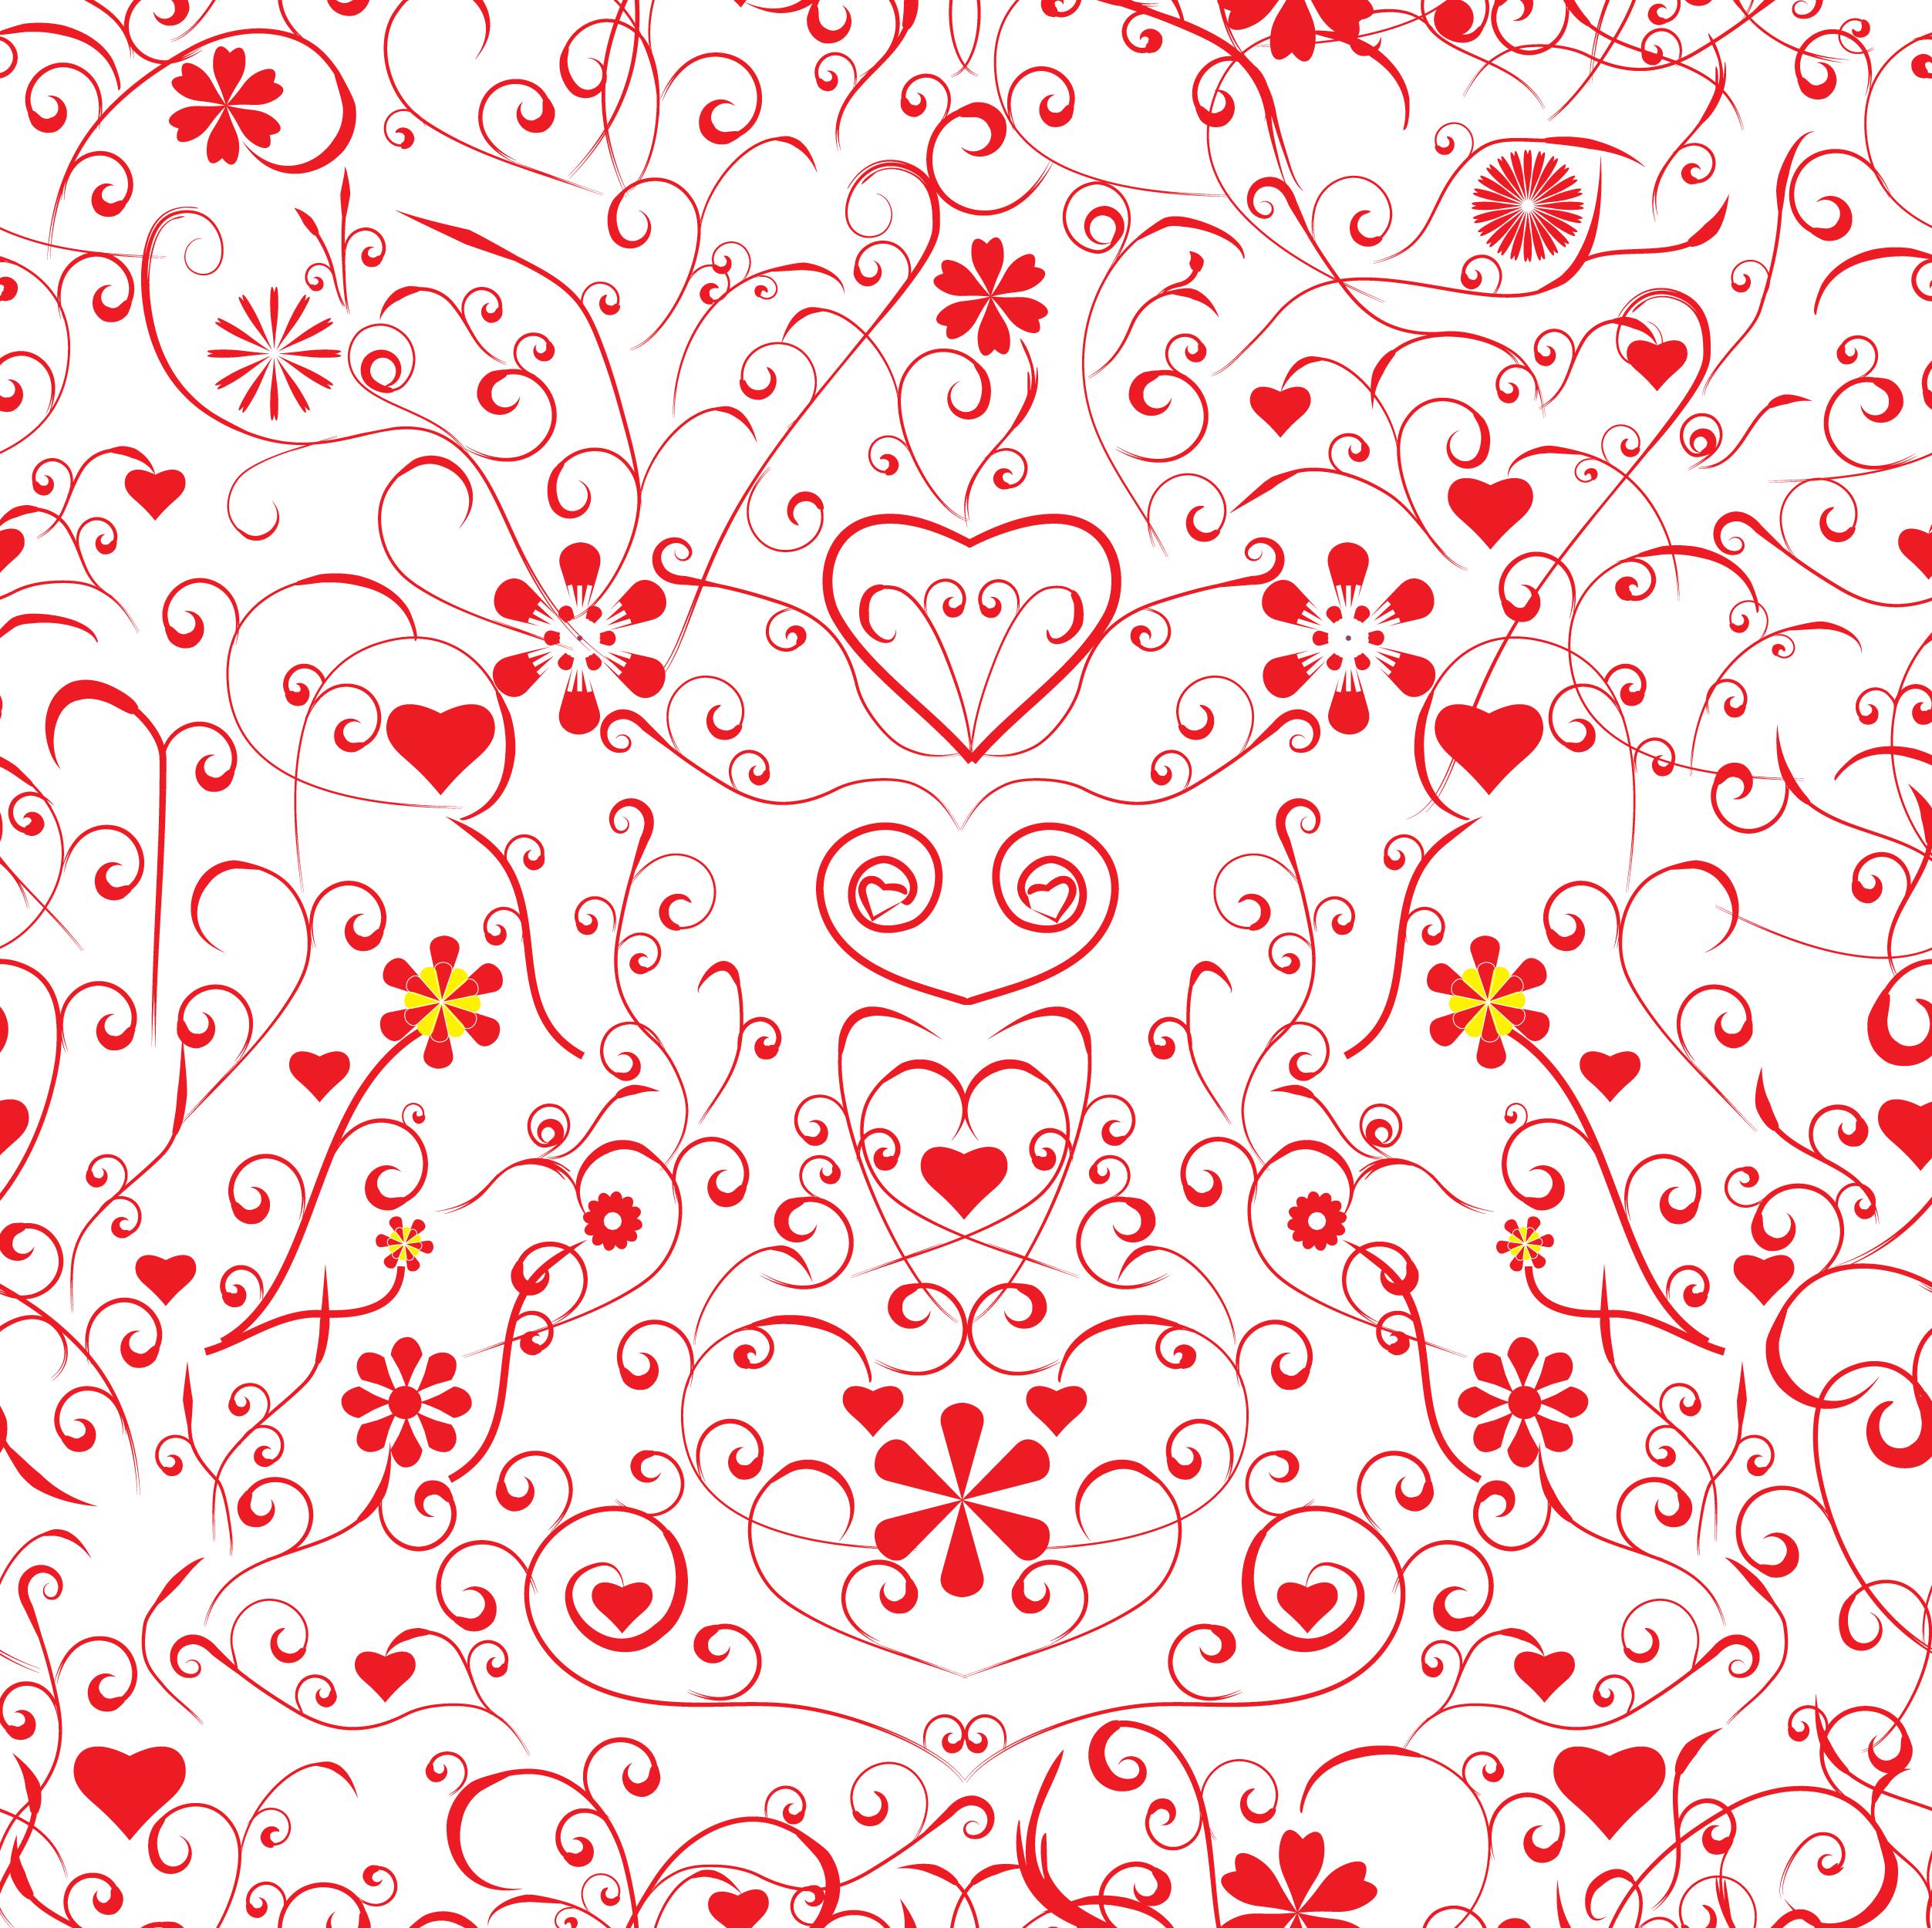 壁紙 背景イラスト 花の模様 柄 パターン No 128 赤白 ハート